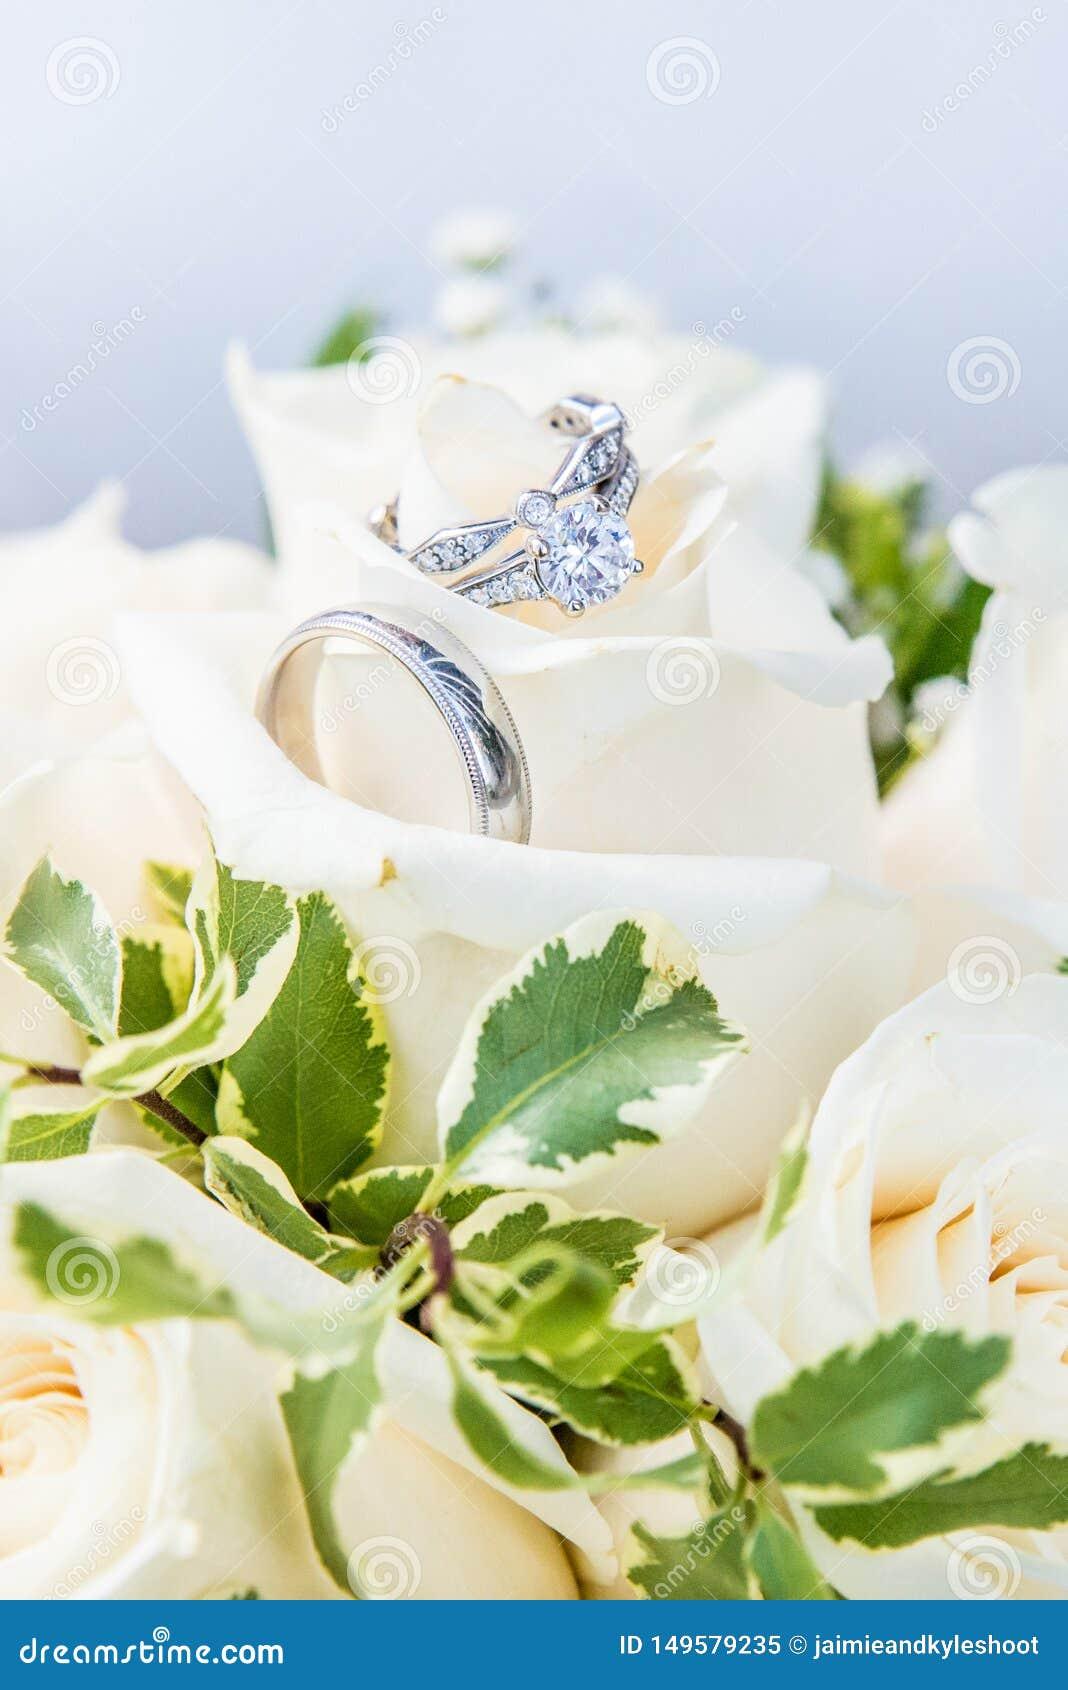 Verlobungsring zusammengepa?t mit den Hochzeitsb?ndern, stehend auf einem Blumenstrau? von wei?en Rosen still